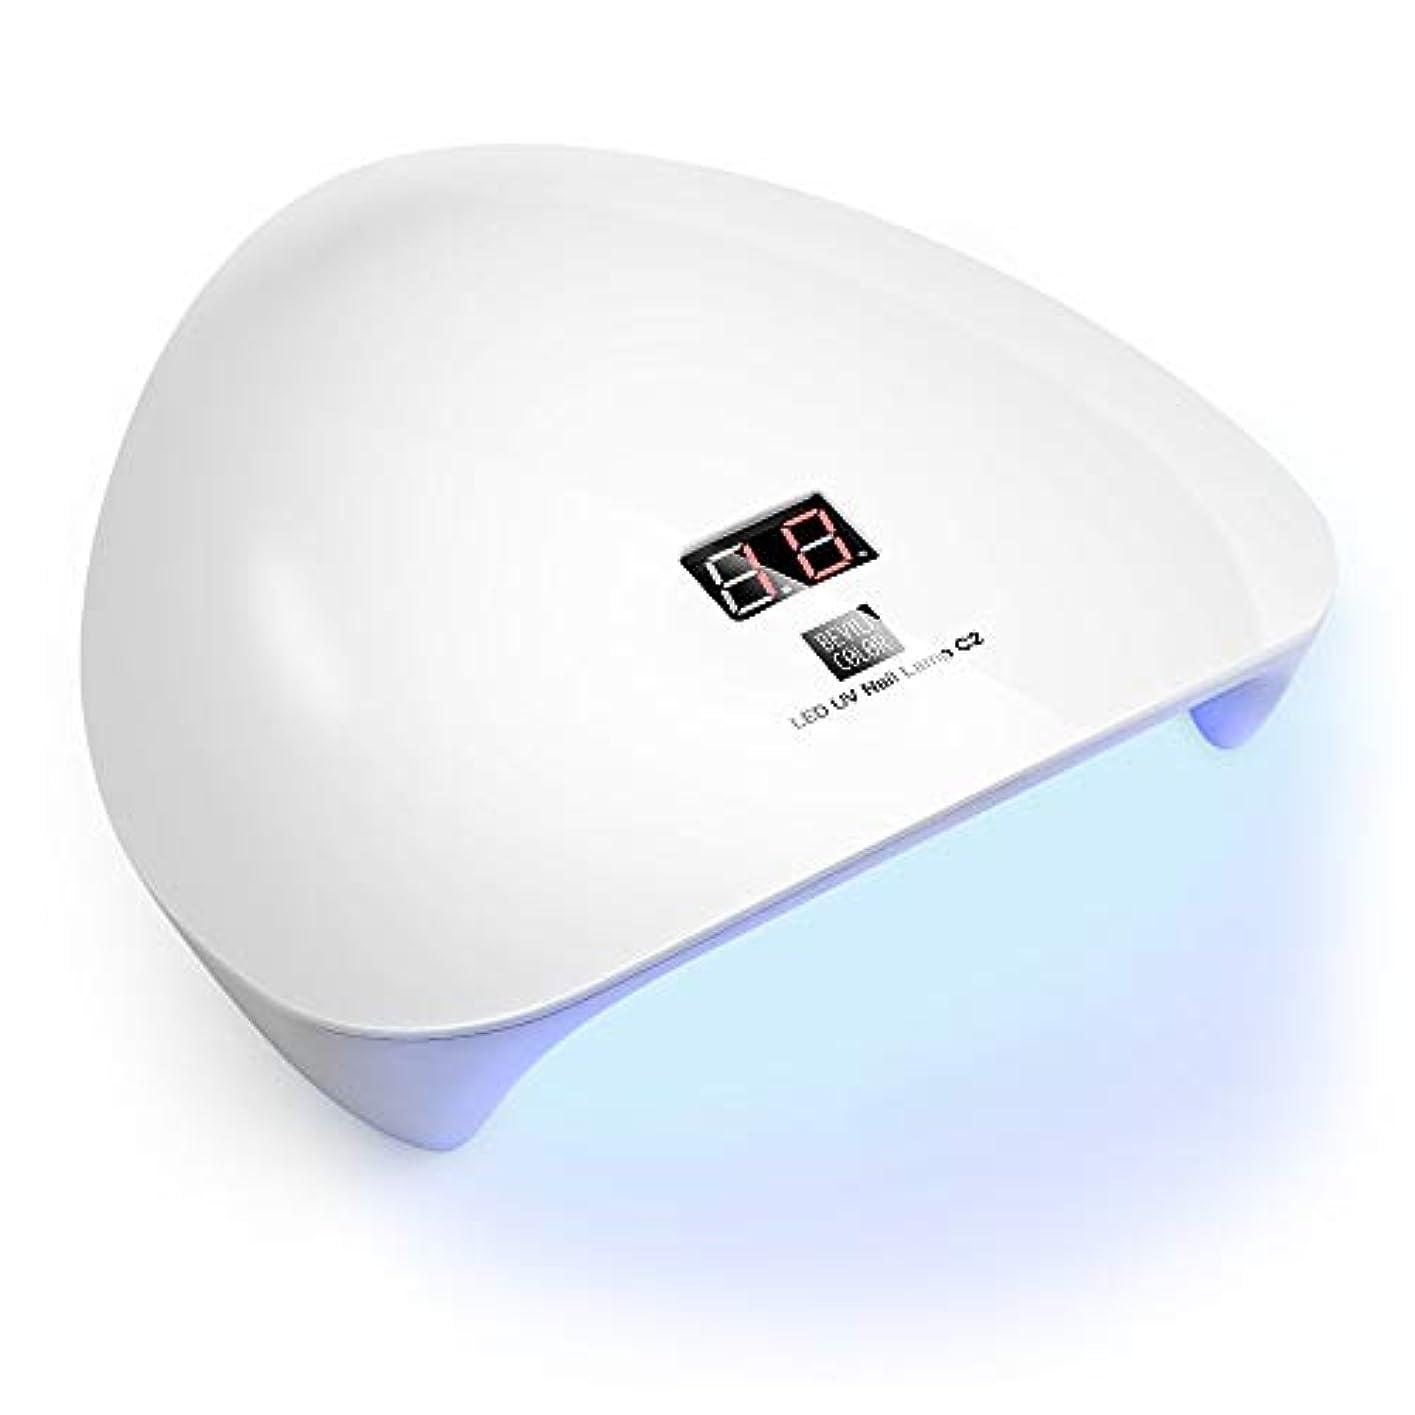 所属突っ込むキロメートルWEVILI ネイル硬化用ライト UVライト LEDライト UVライトネイルドライヤー マニキュア用 LED ネイルドライヤー タイマー機能 自動センサー機能 レジンにも便利